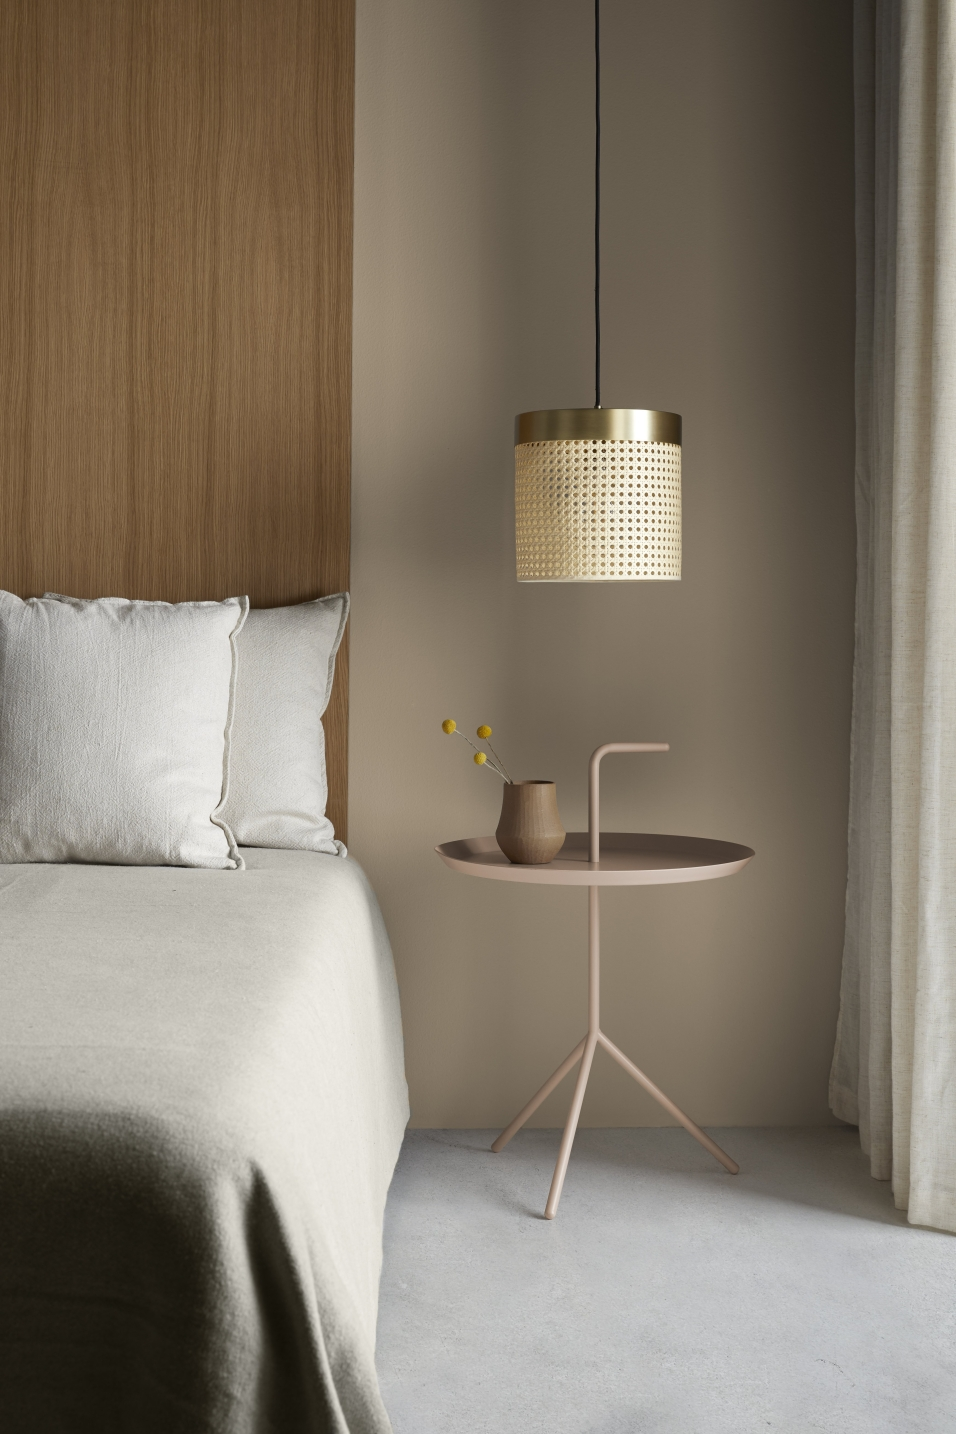 Foto de Lámpara de techo de aromas. Singular